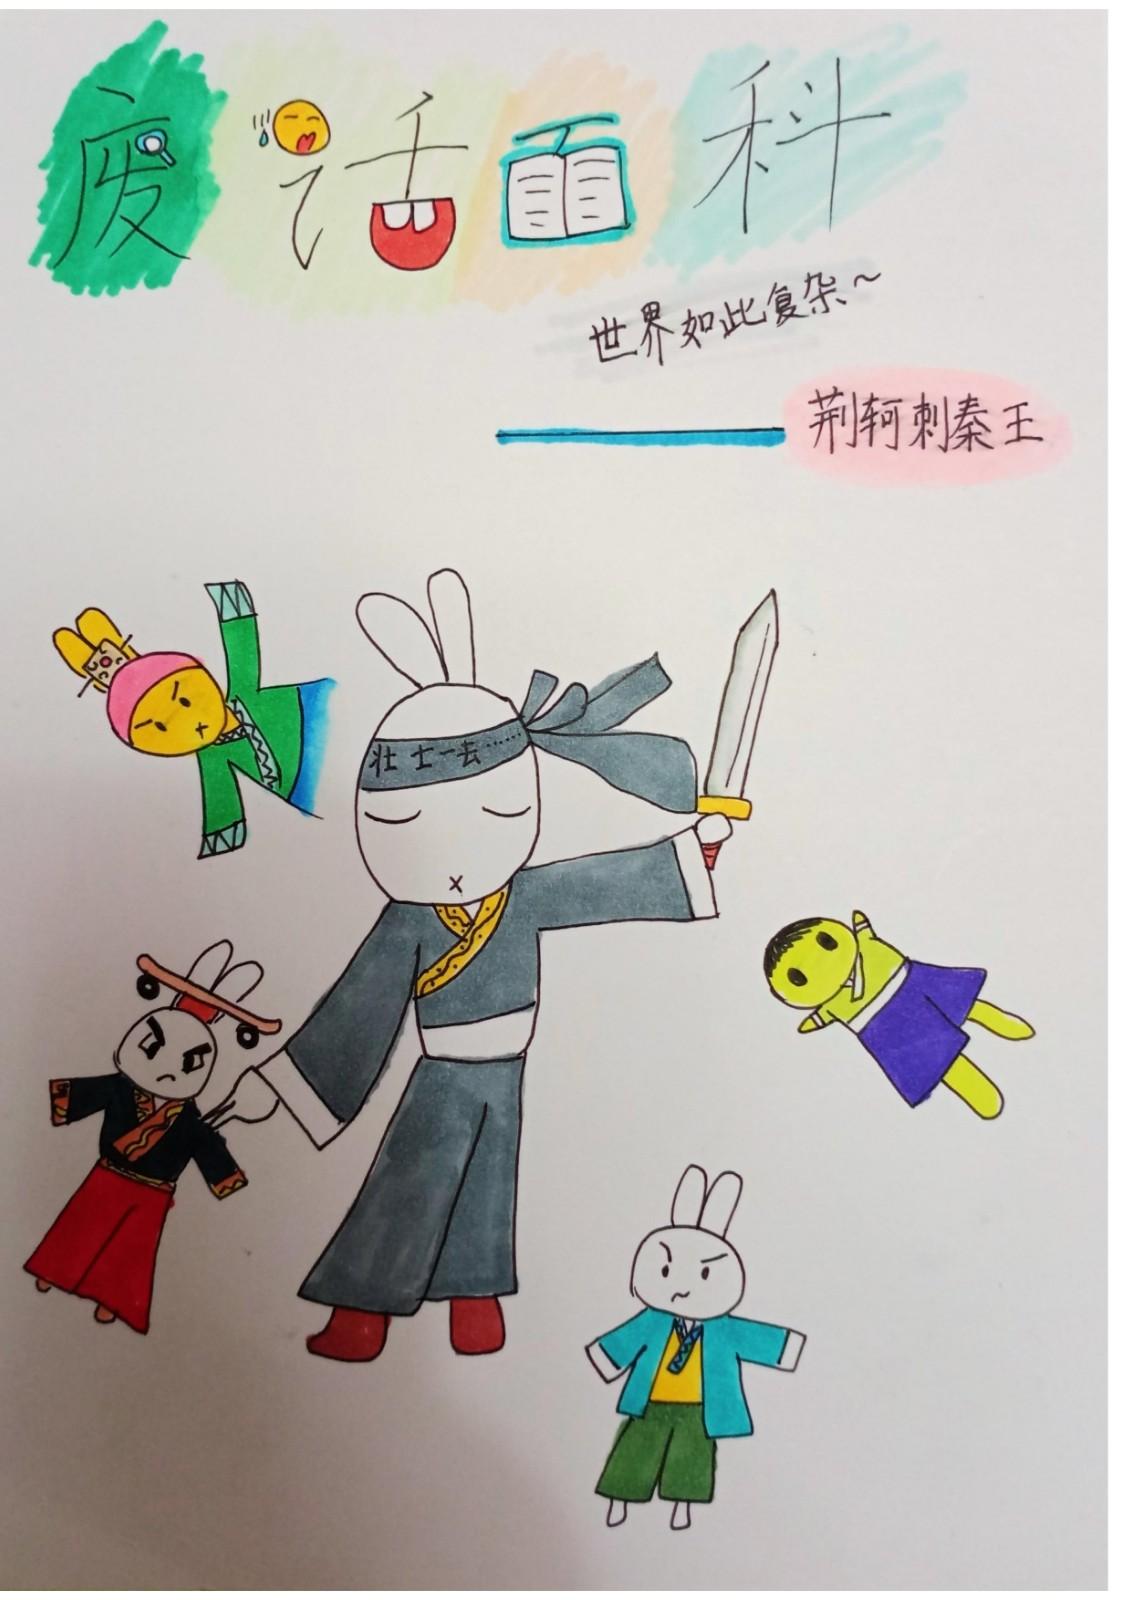 儿童故事简笔画绘本图片原创:《荆轲刺秦王》李卓函